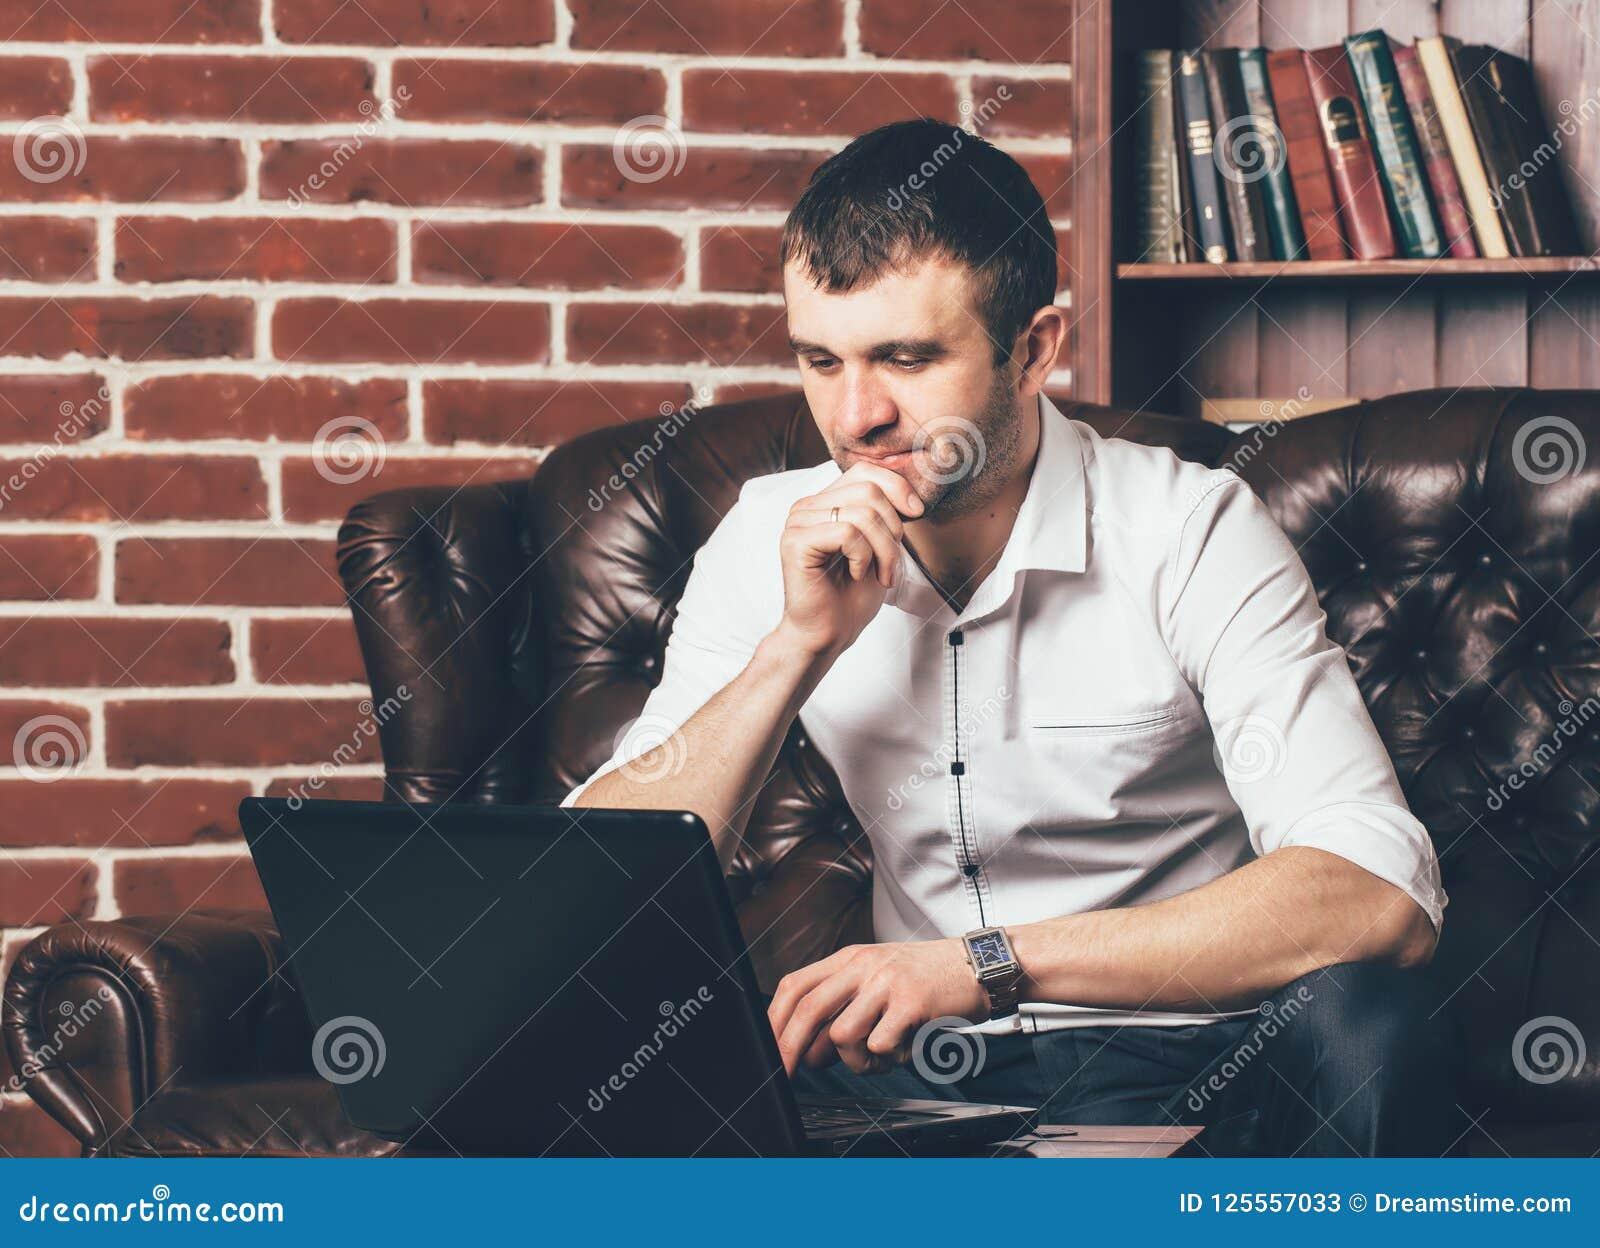 En affärsman arbetar på bärbara datorn i kontoret Han sitter på tabellen på bakgrunden av en dekorativ vägg i form av tegelstenar